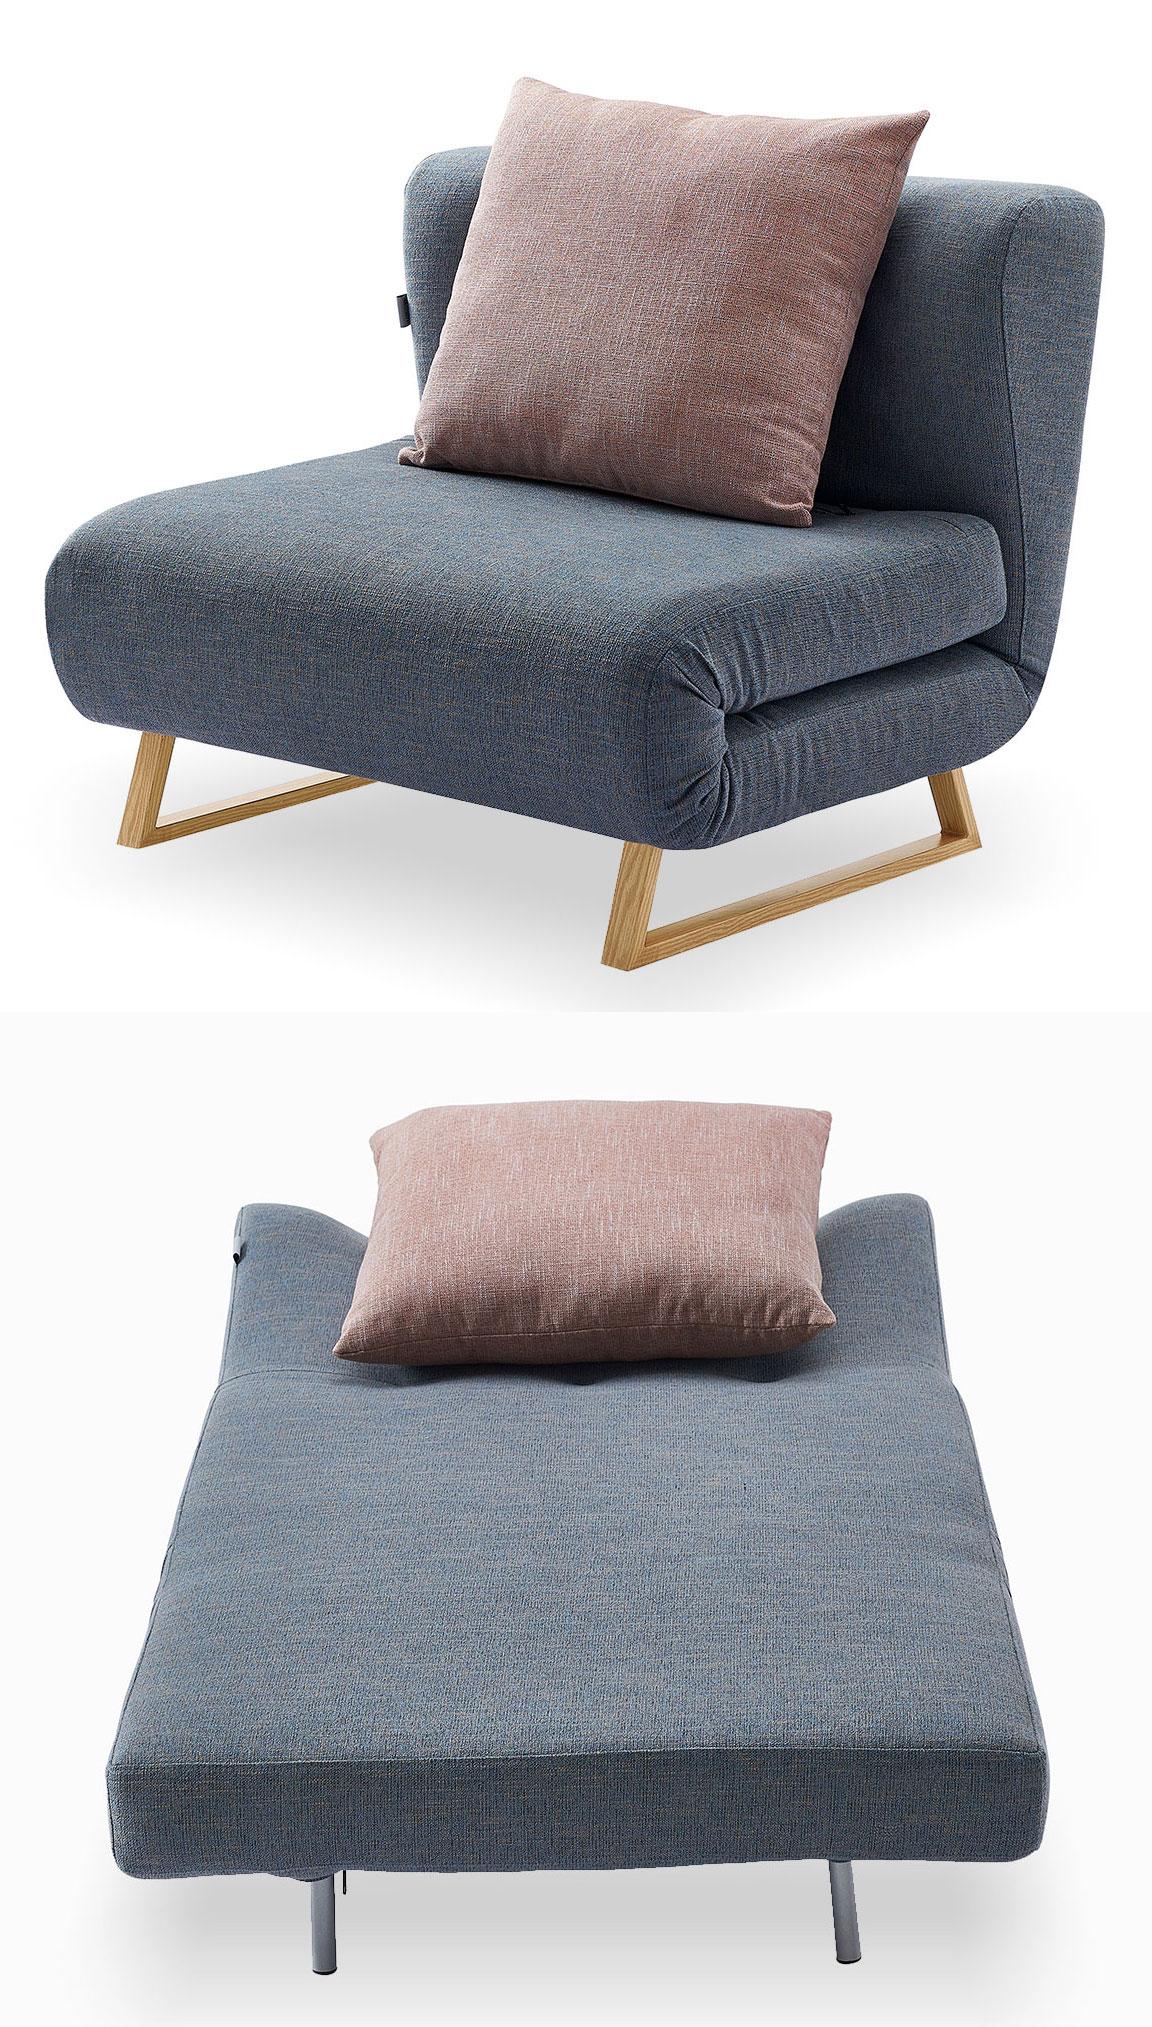 Кресло кровать Rosy, синий/коралловый